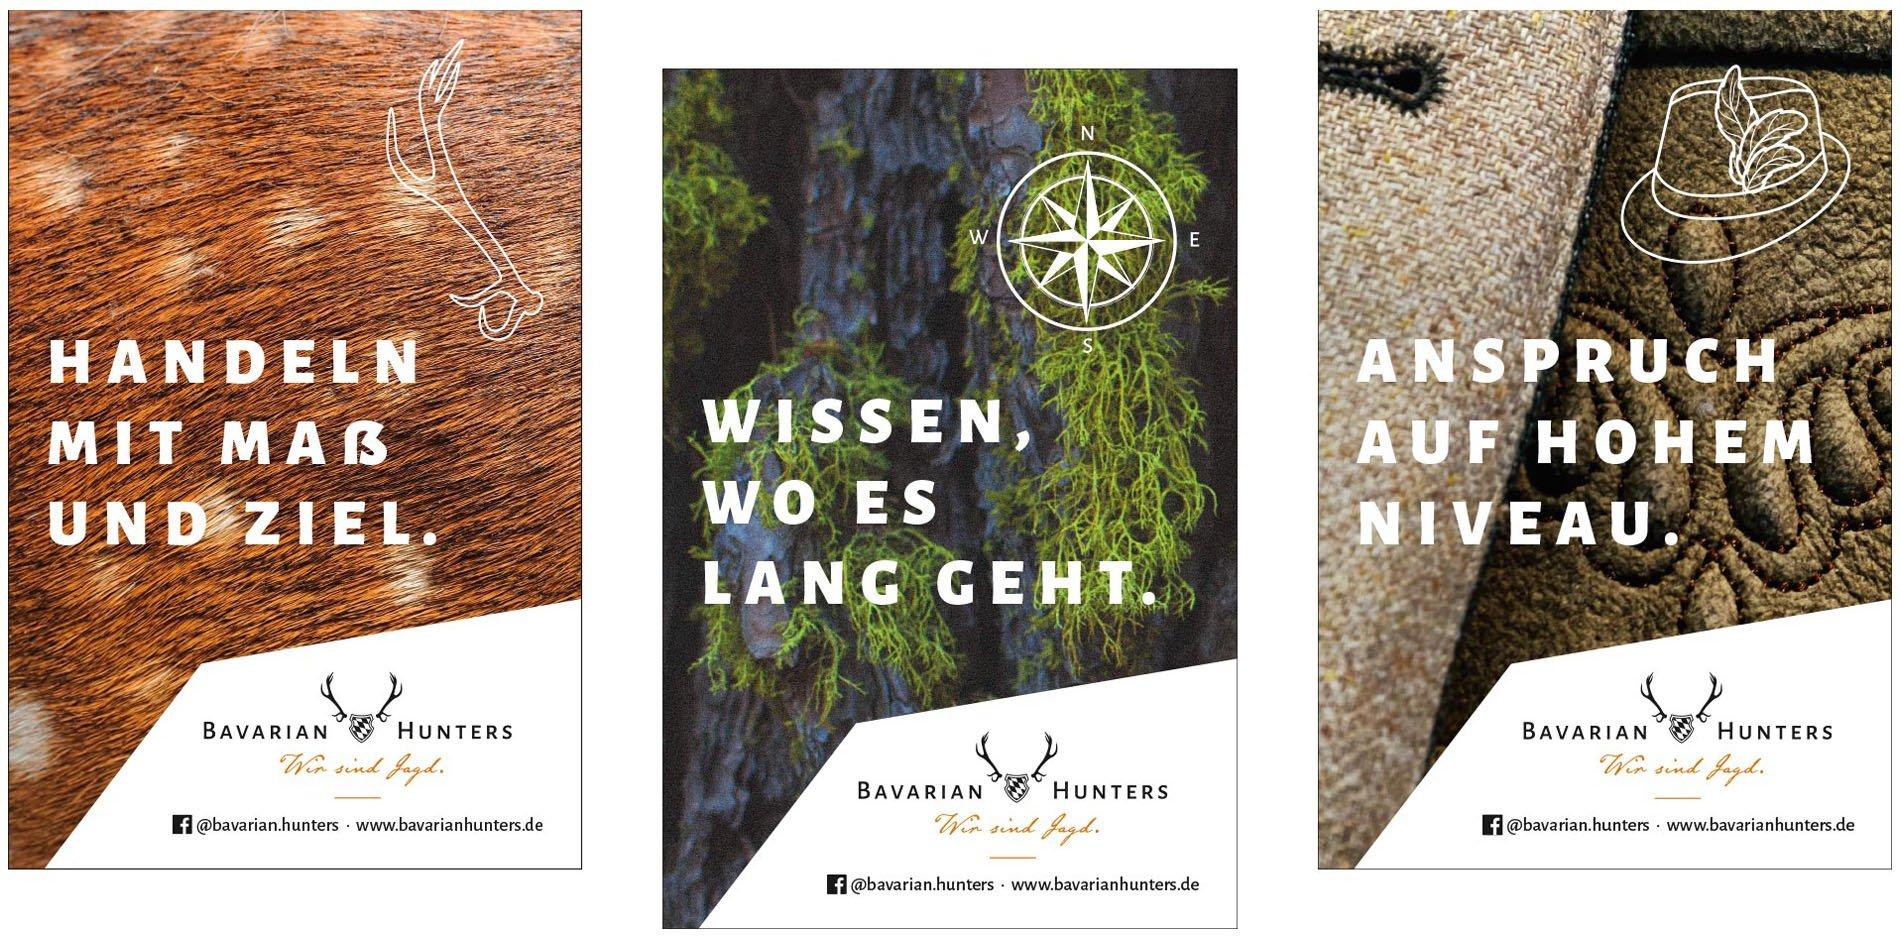 Bavarian Hunters Imagekampagne Anzeigen